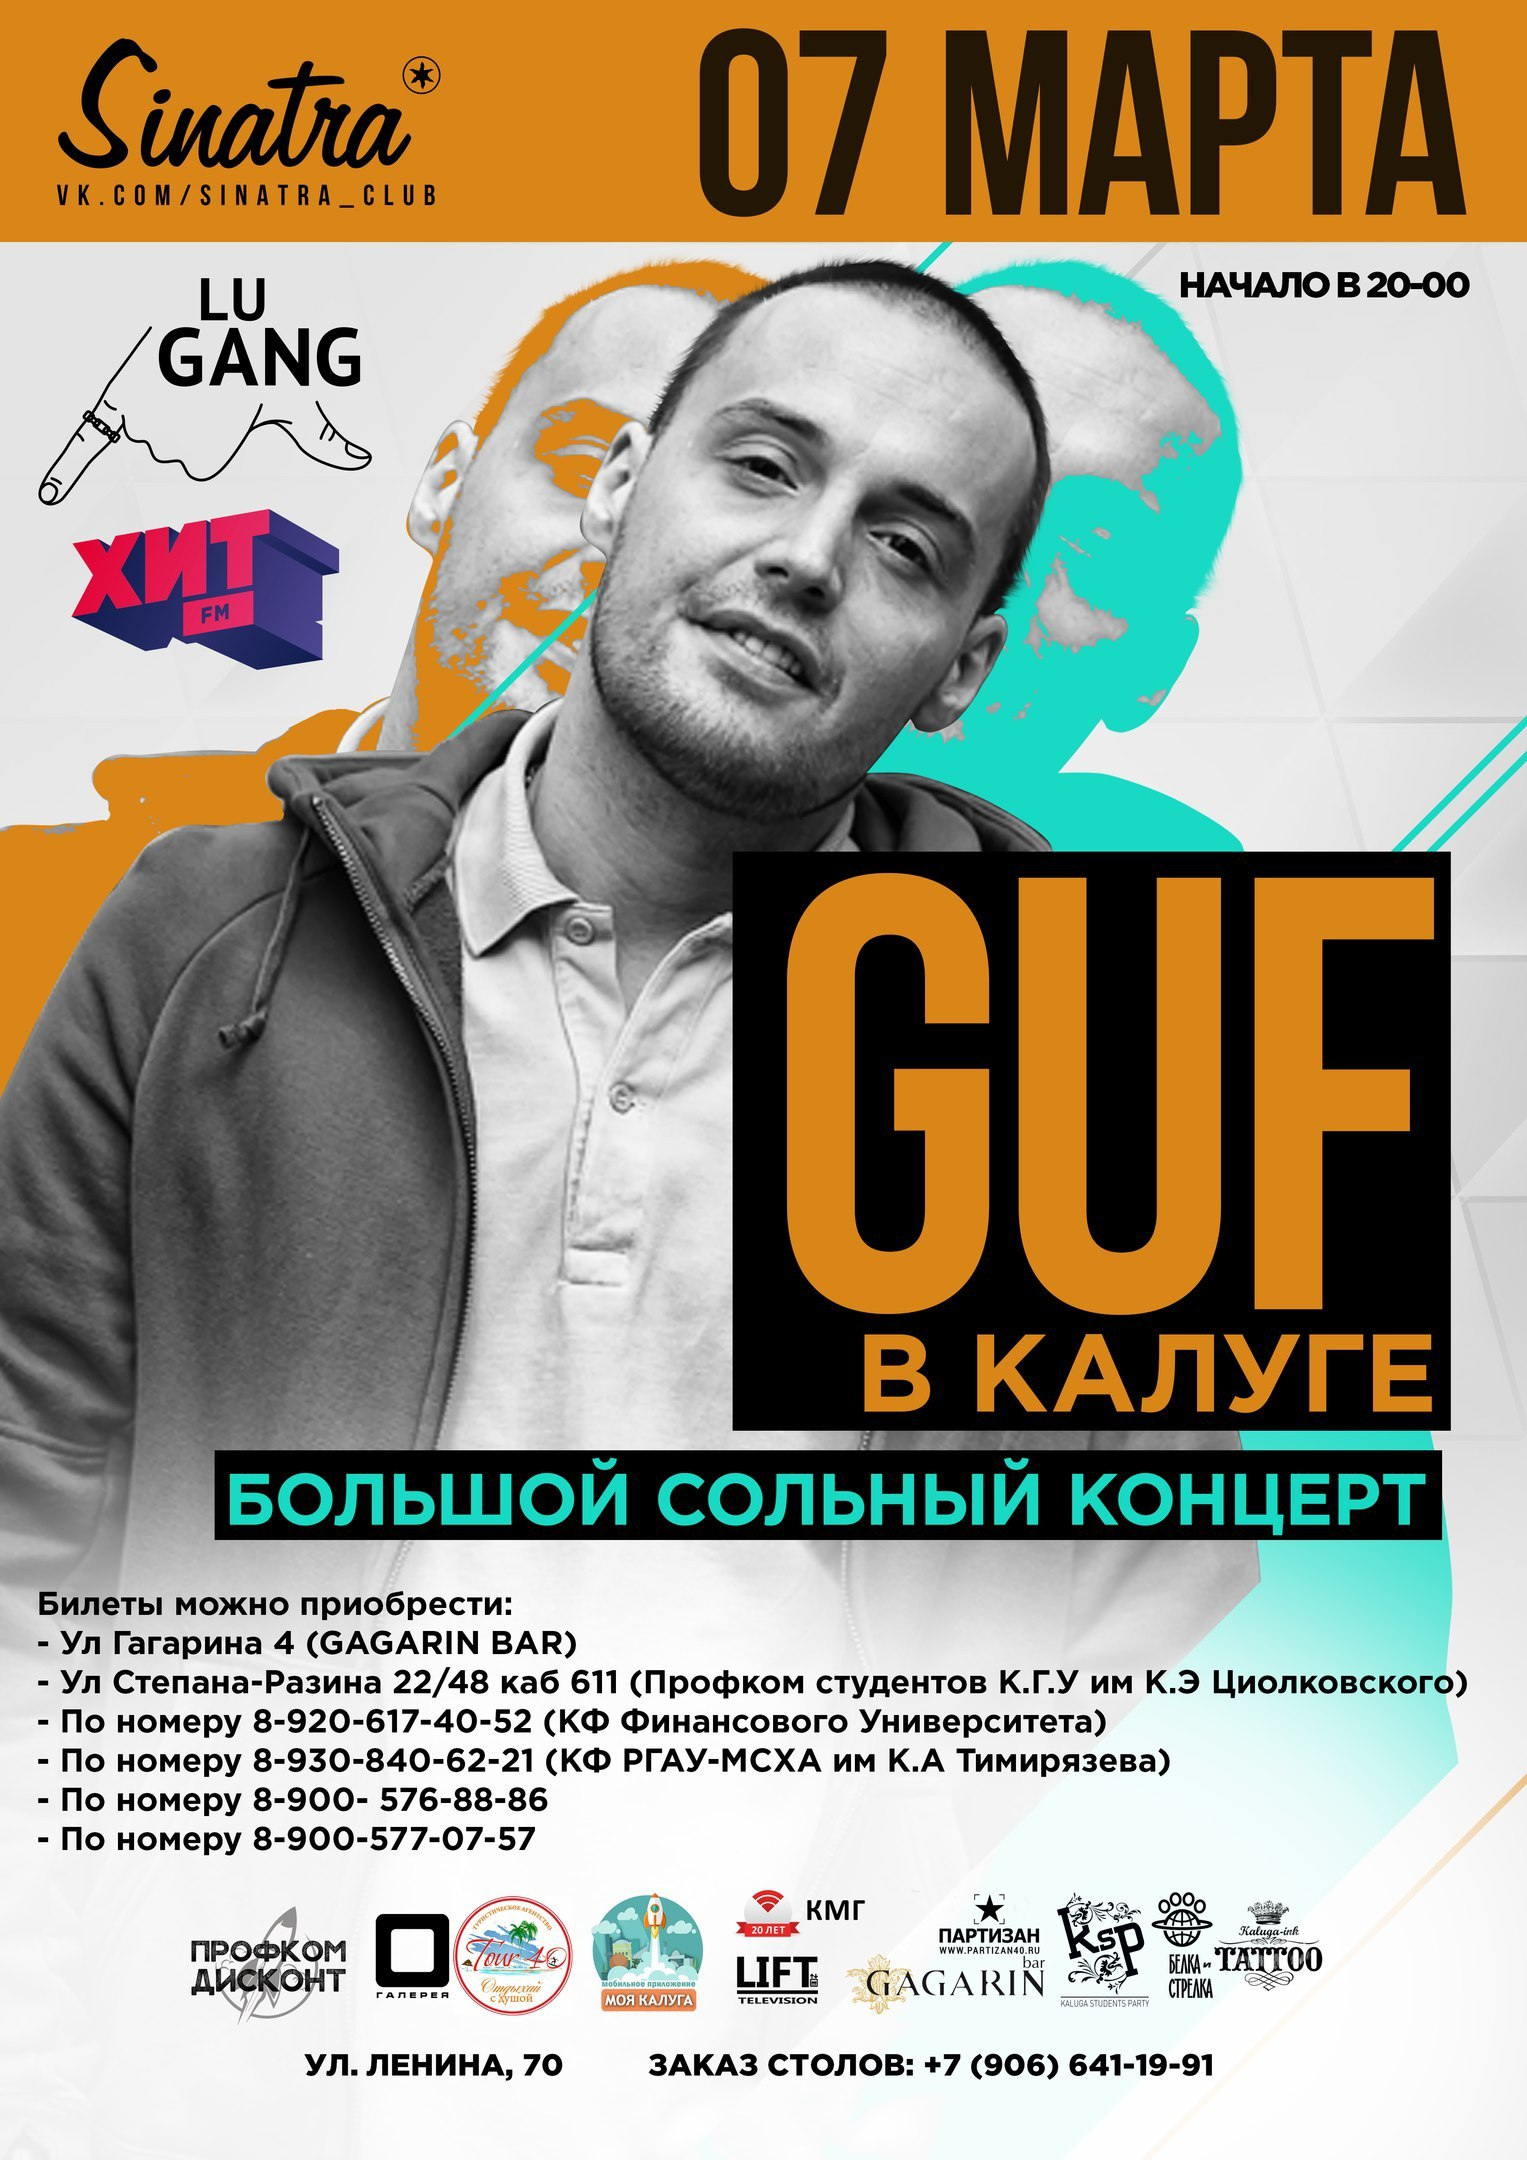 Guf в SINATRA CLUB